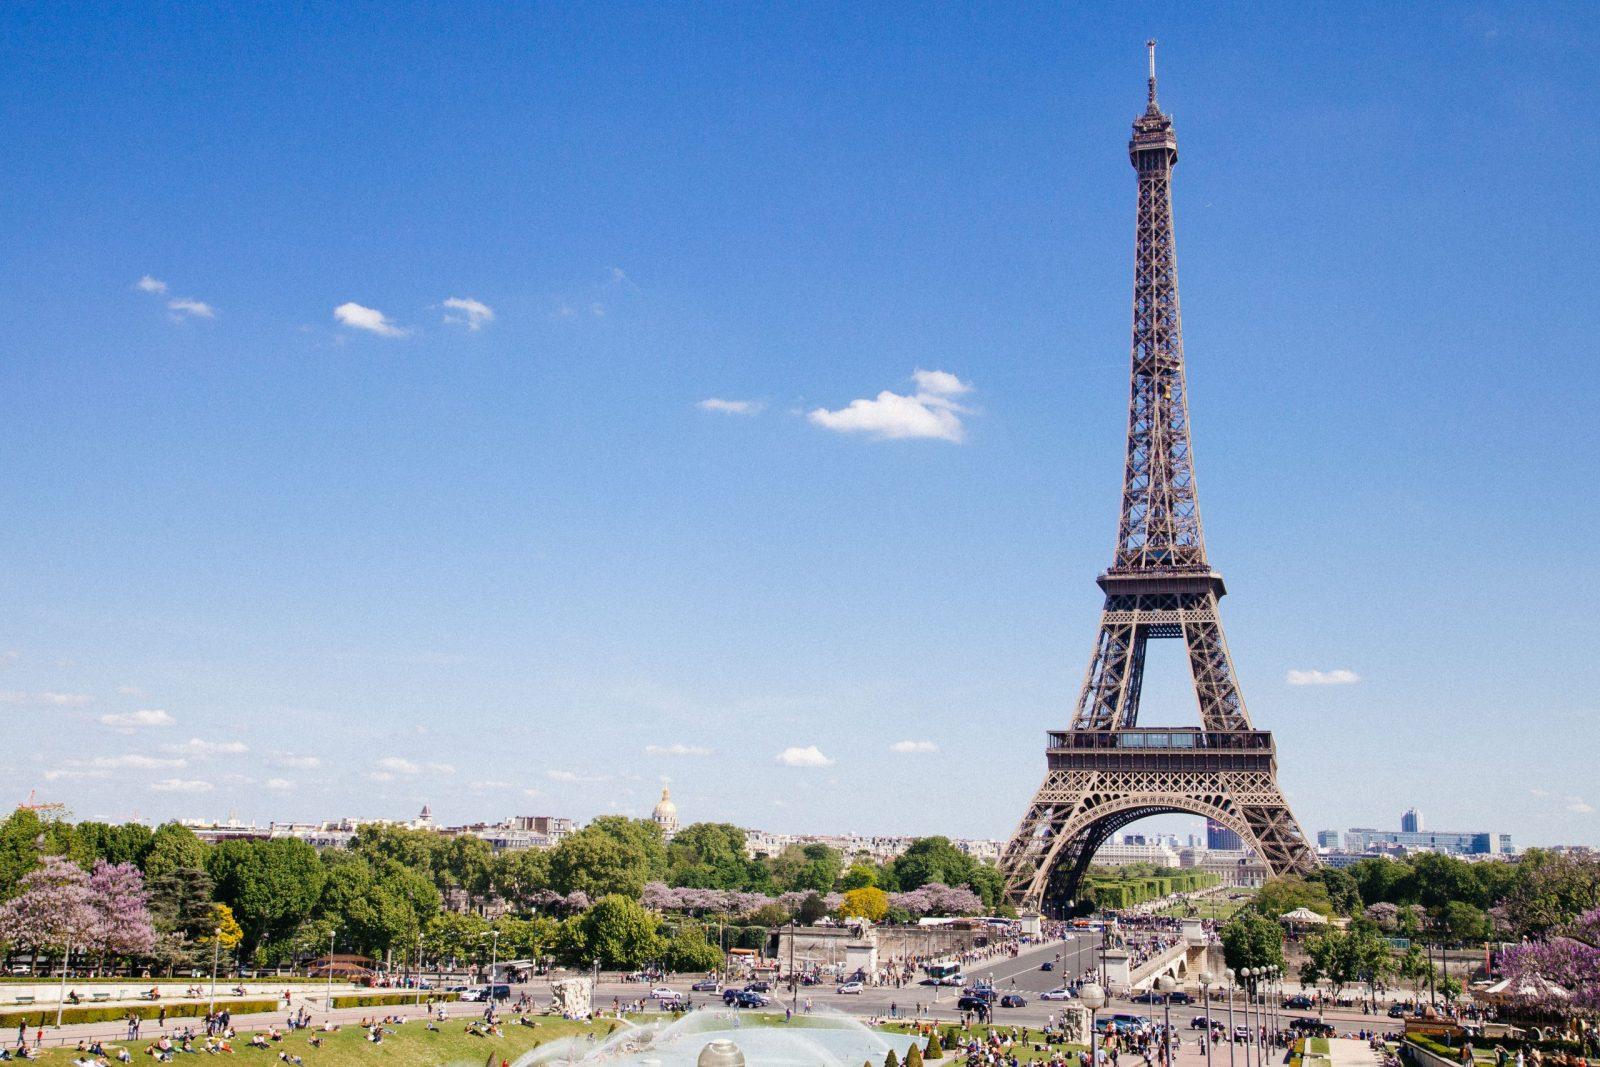 Les chiffres clés du marché du tourisme en France